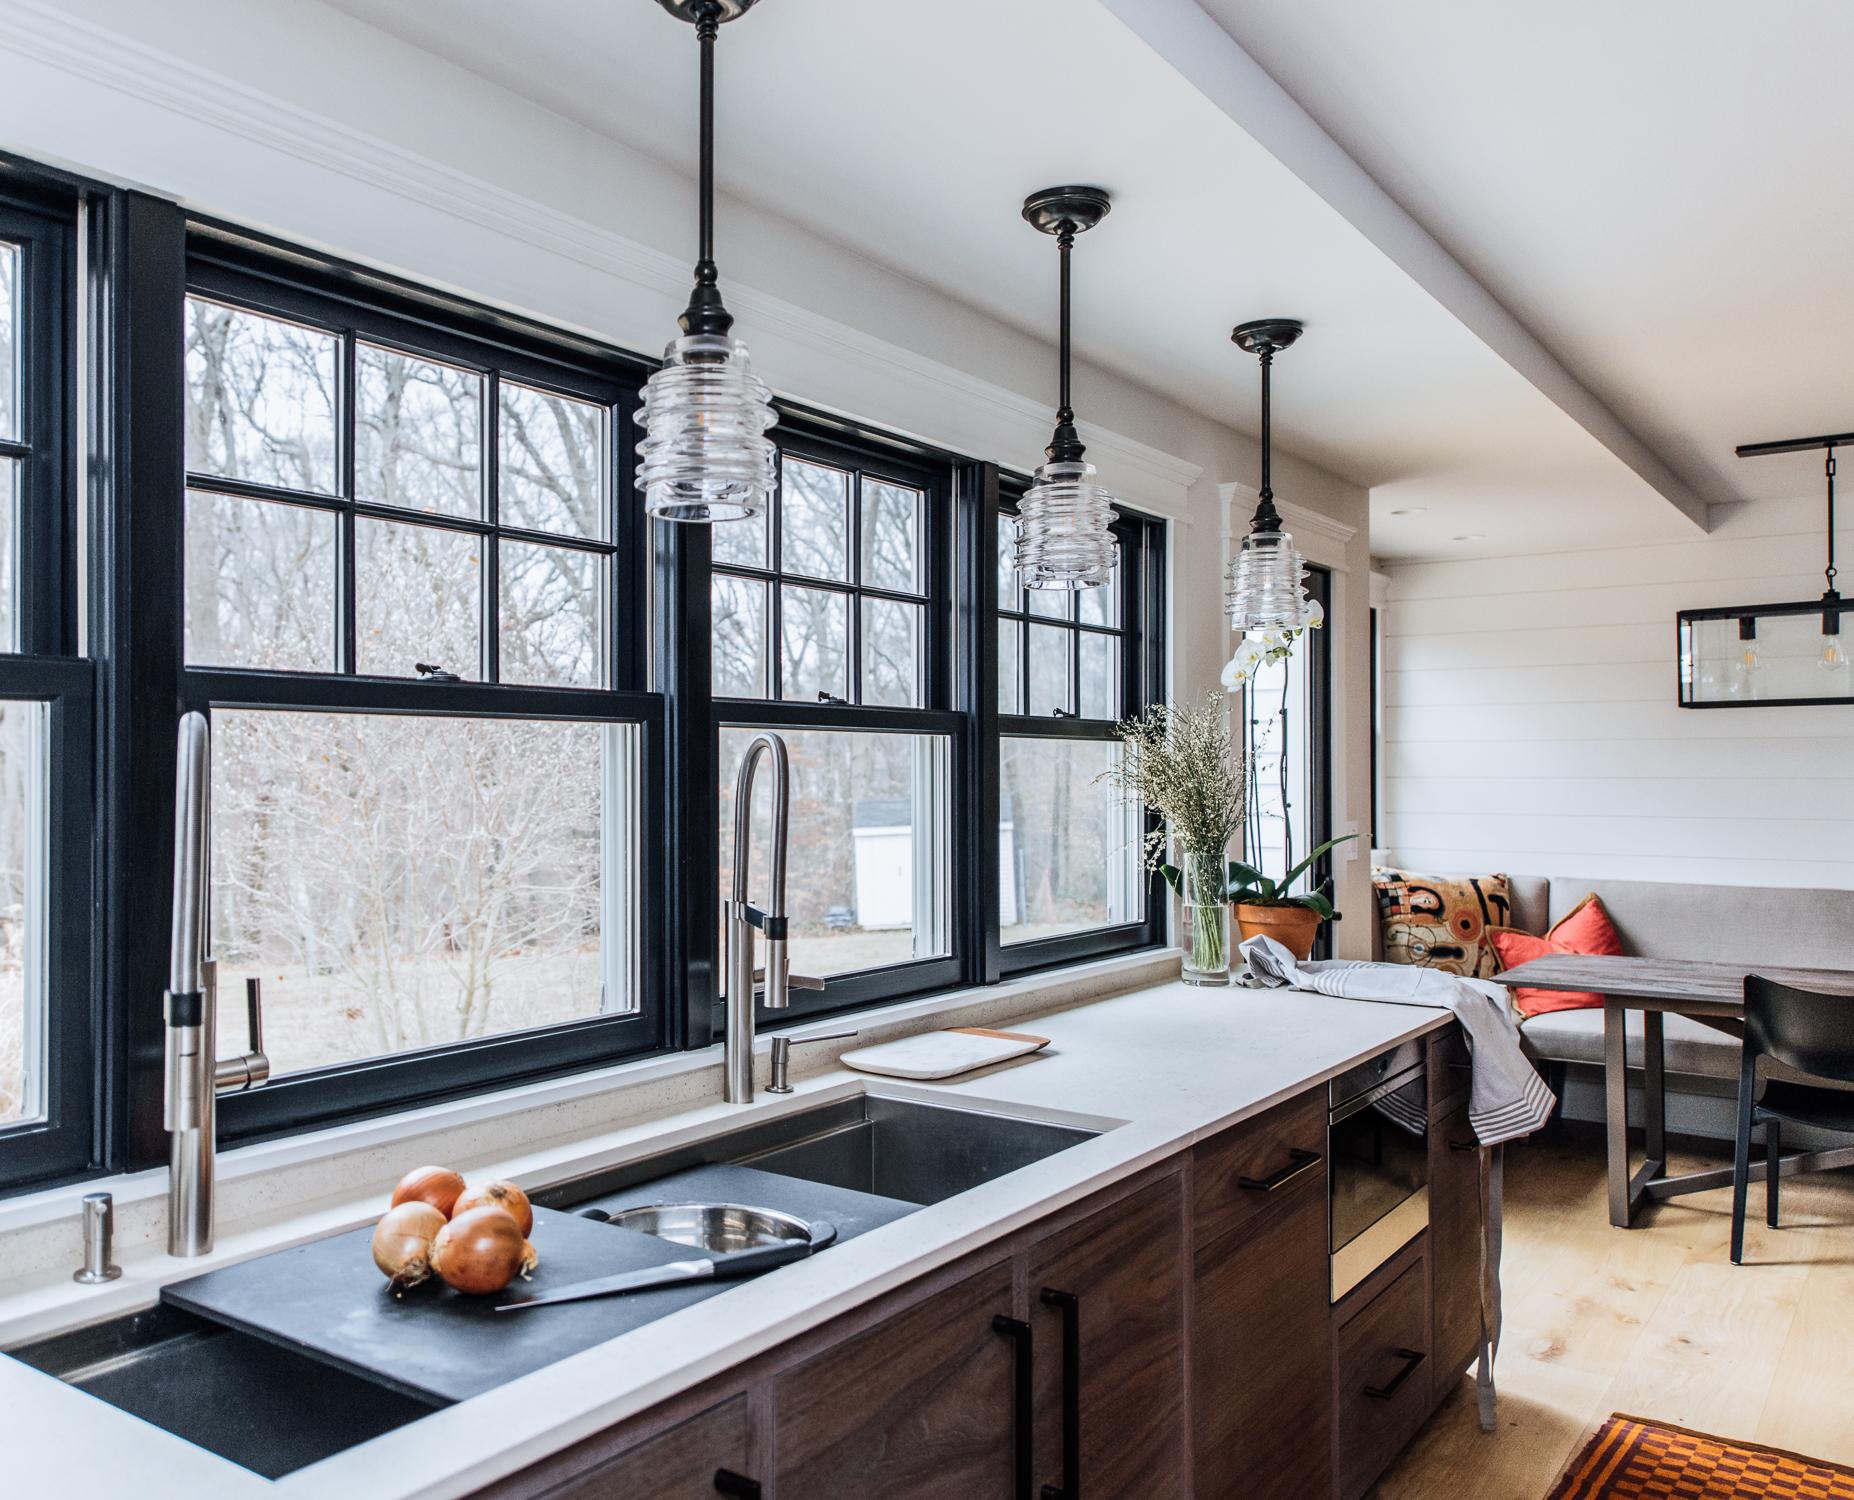 modern kitchen design 4-100.jpg